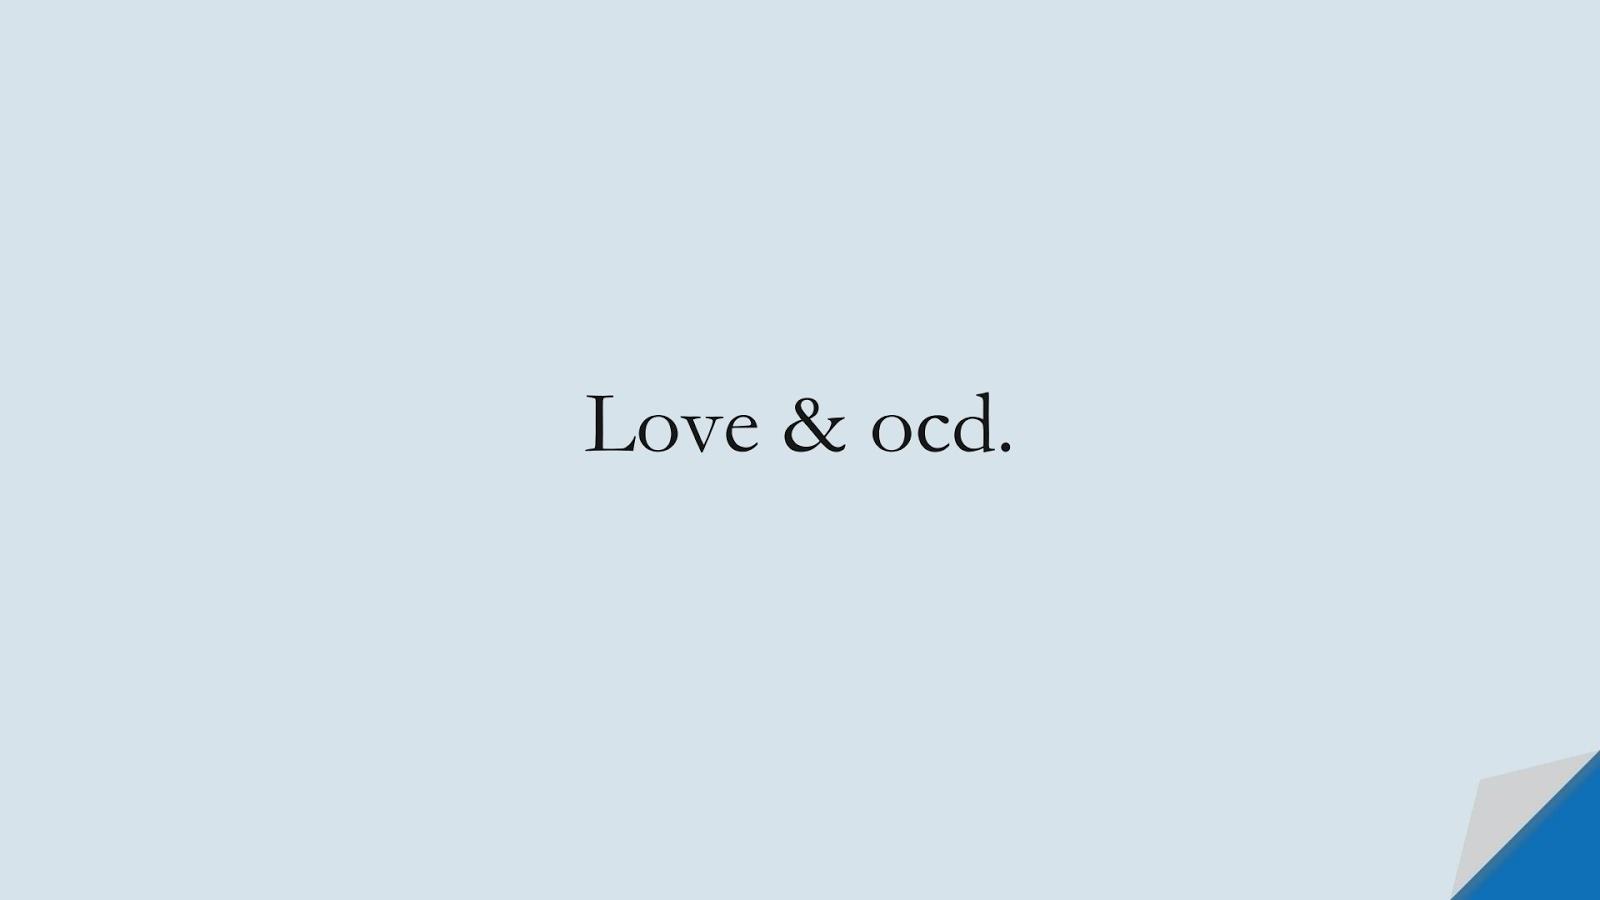 Love & ocd.FALSE